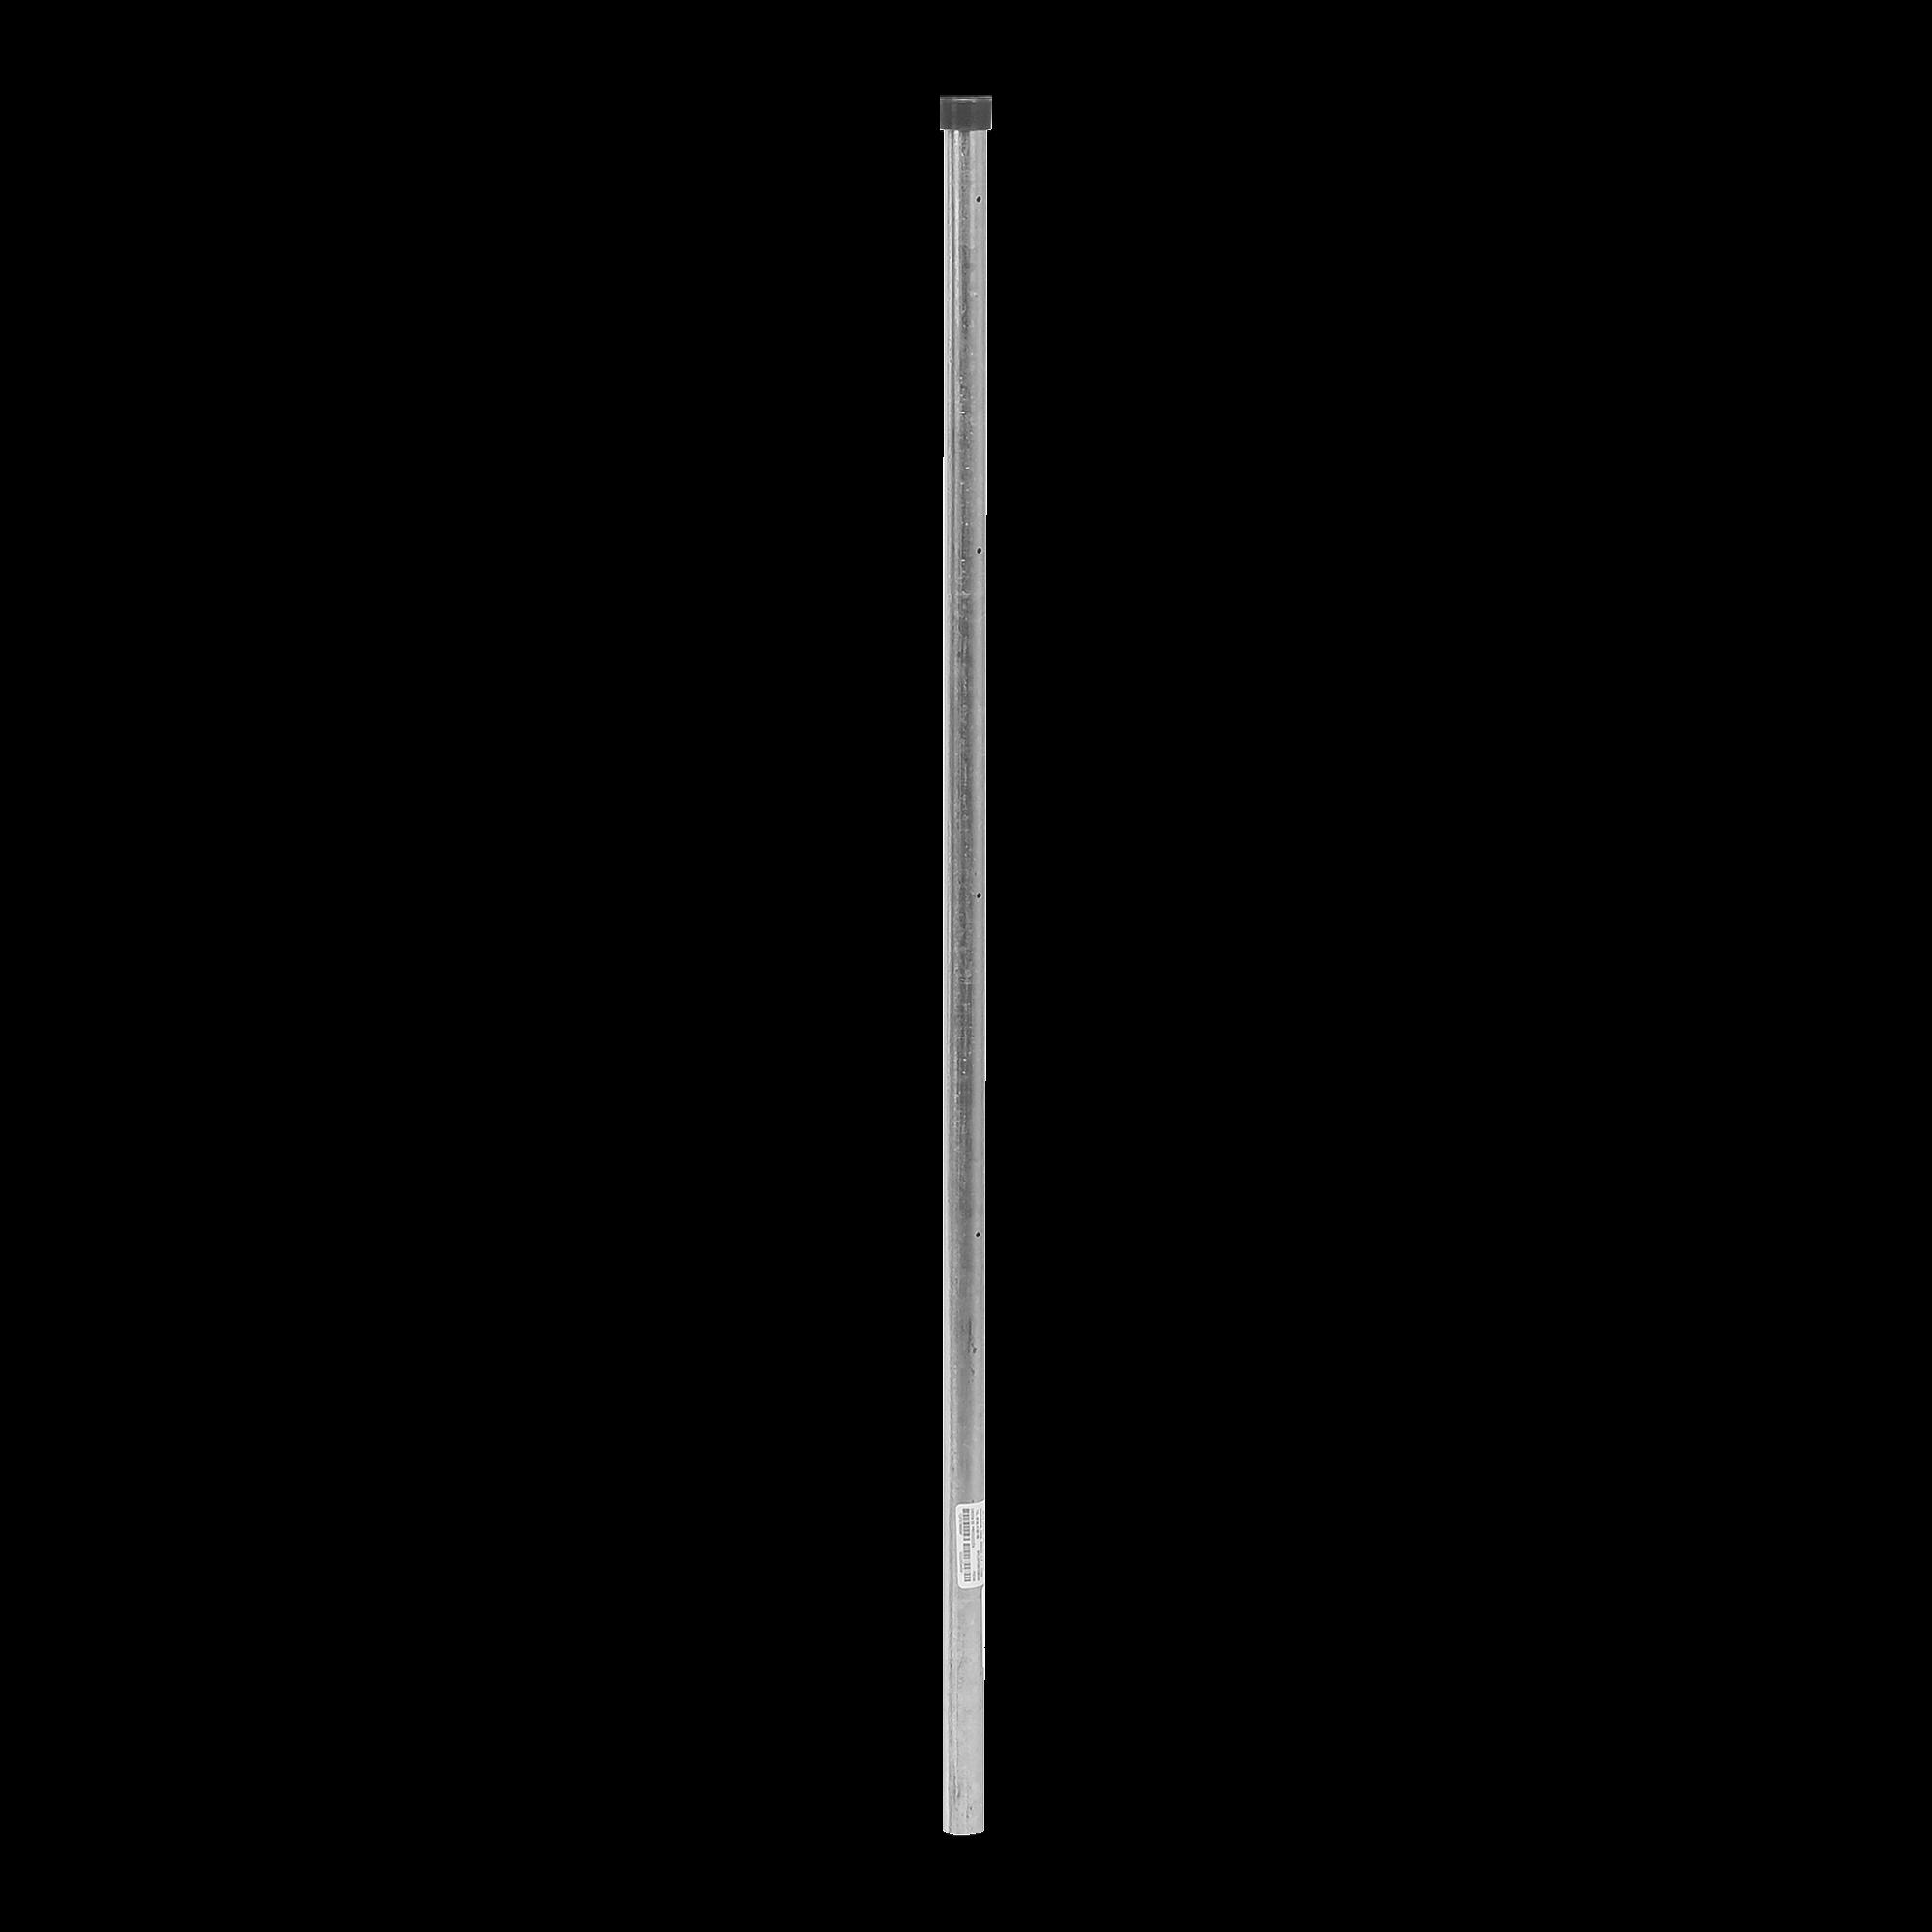 Poste de Esquina de 1m para Cerca Electrificada de Tubo Galvanizado cal. 18 de 1Diam. Ideal para 5 Aisladores (No incluidos).